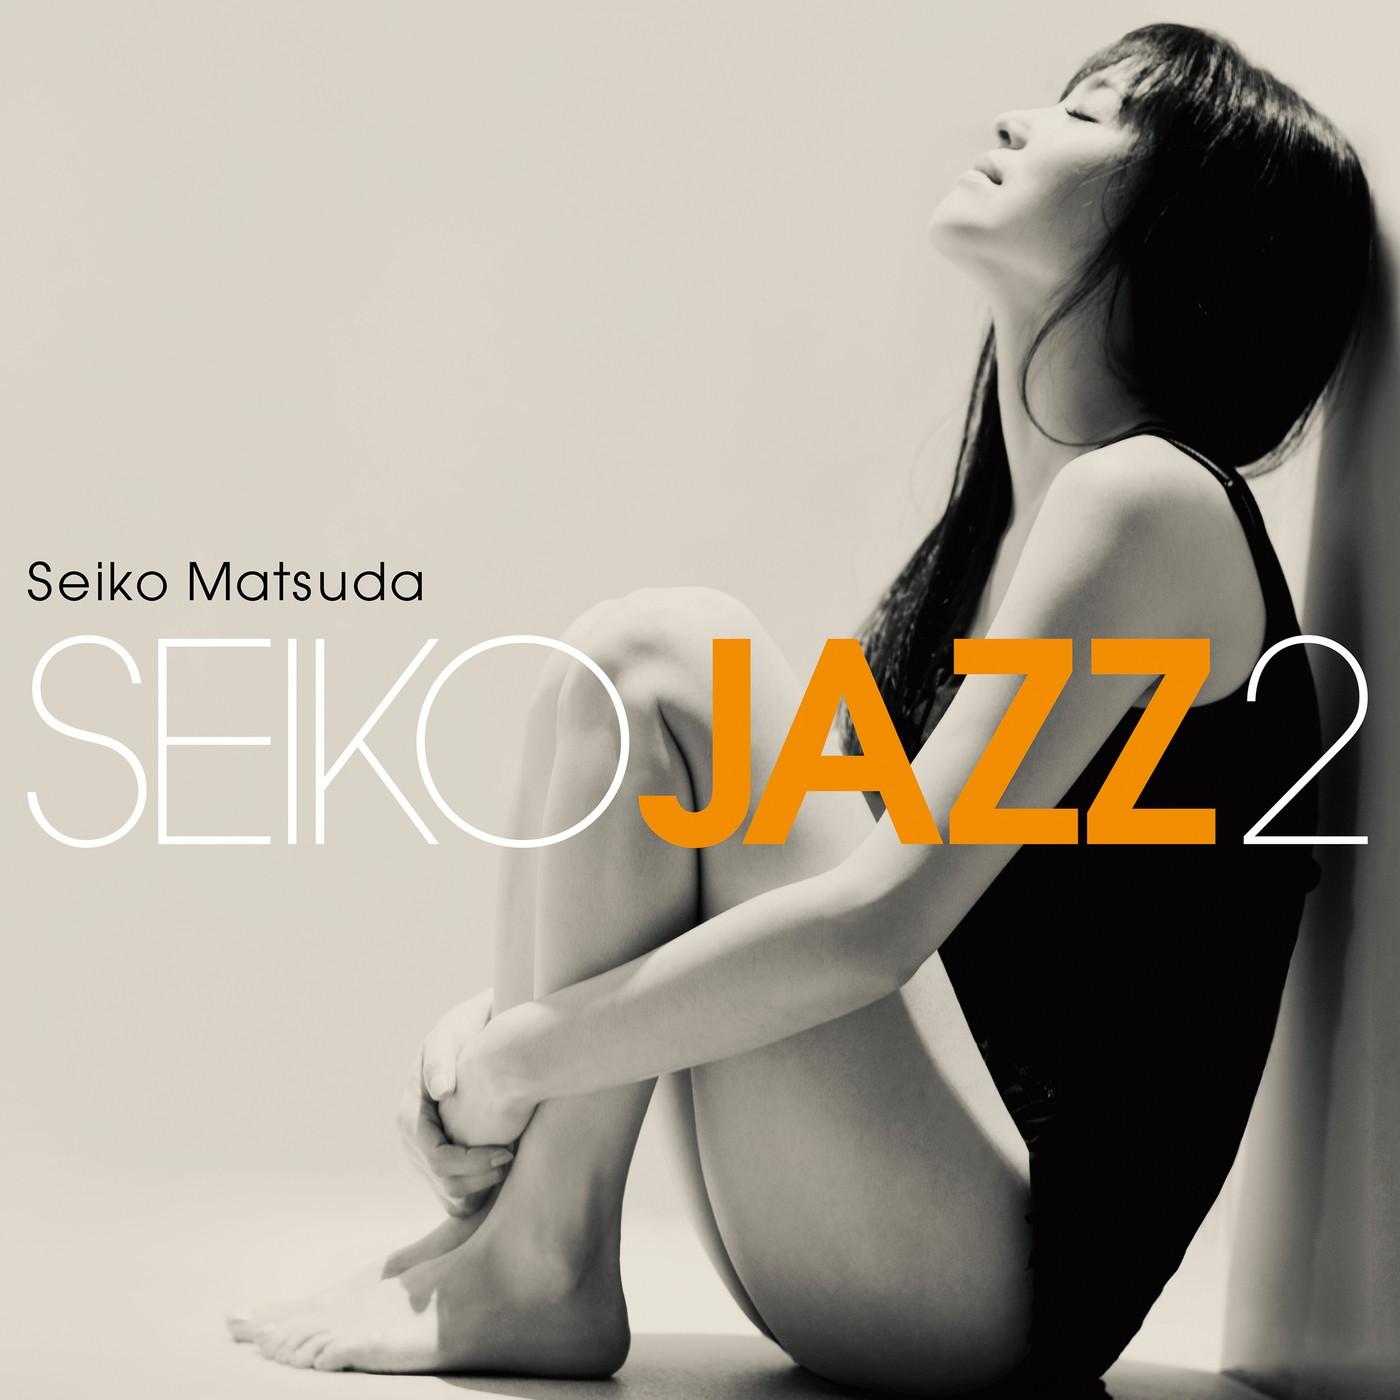 松田聖子 (Seiko Matsuda) – SEIKO JAZZ 2 [FLAC + MP3 320 / WEB] [2019.02.20]